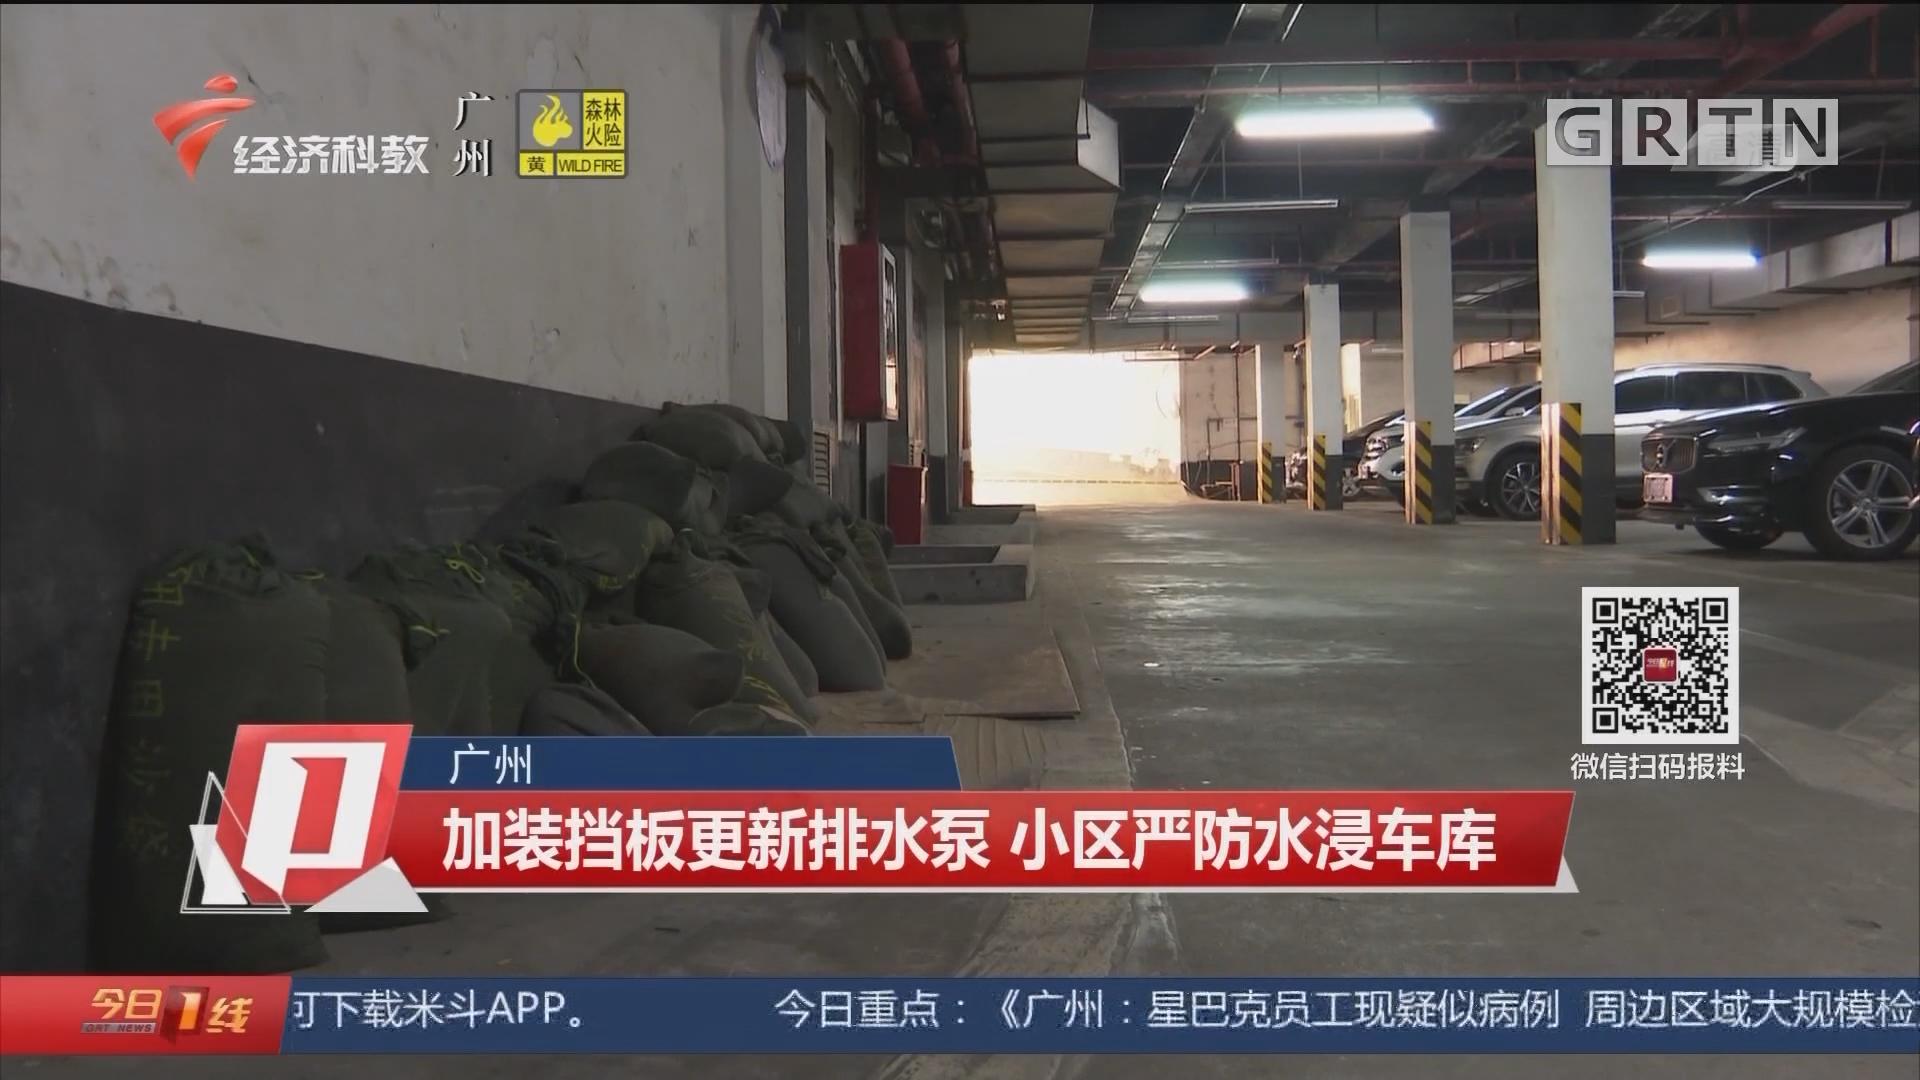 广州 加装挡板更新排水泵 小区严防水浸车库